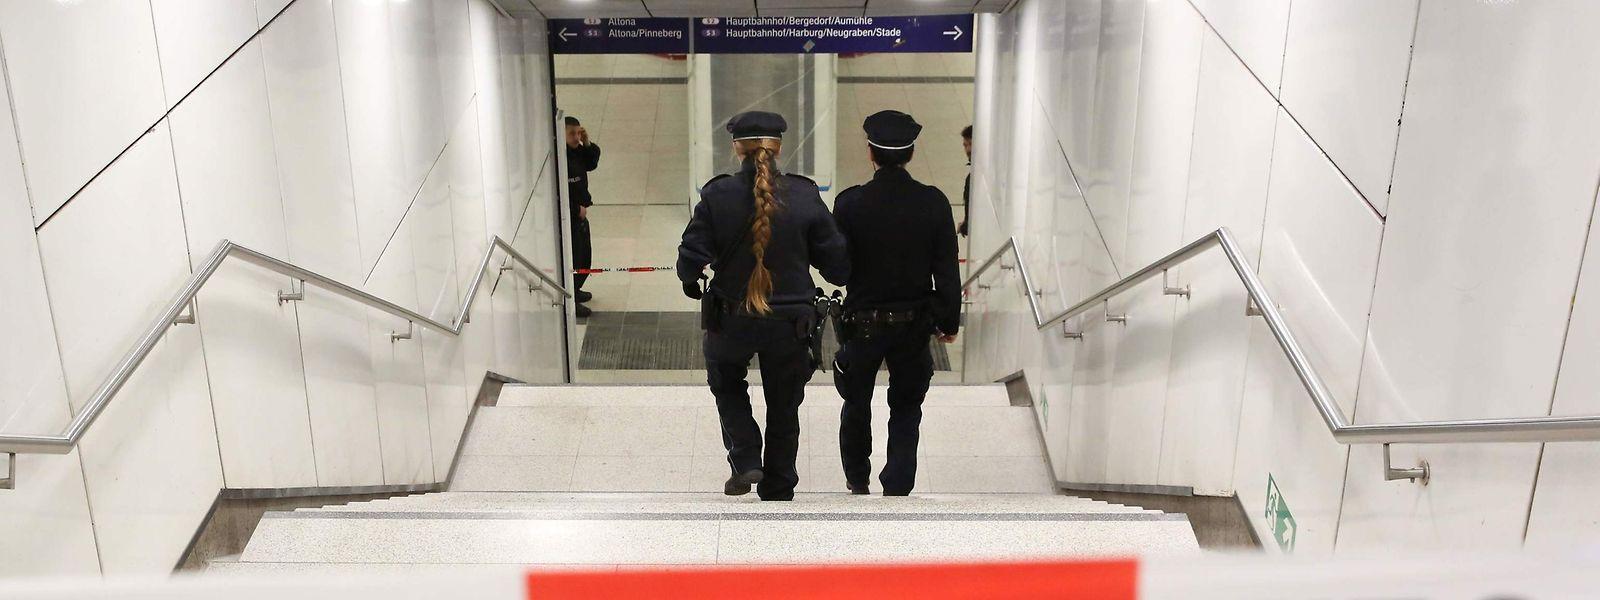 Die Tat ereignete sich am U-Bahnhof Jungfernstieg.